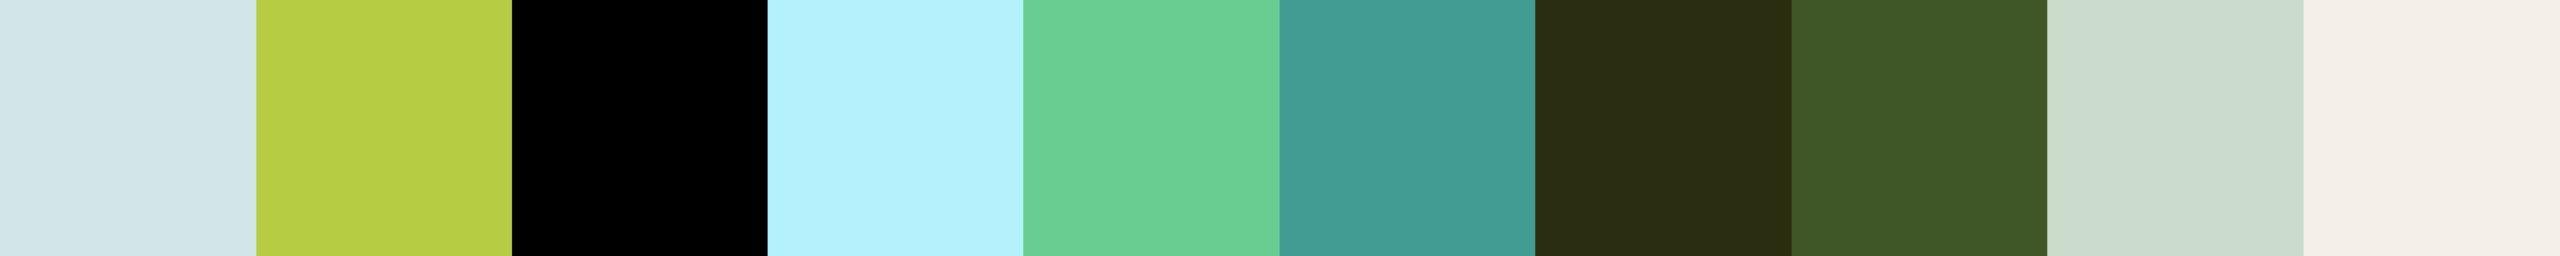 468 Roila Color Palette